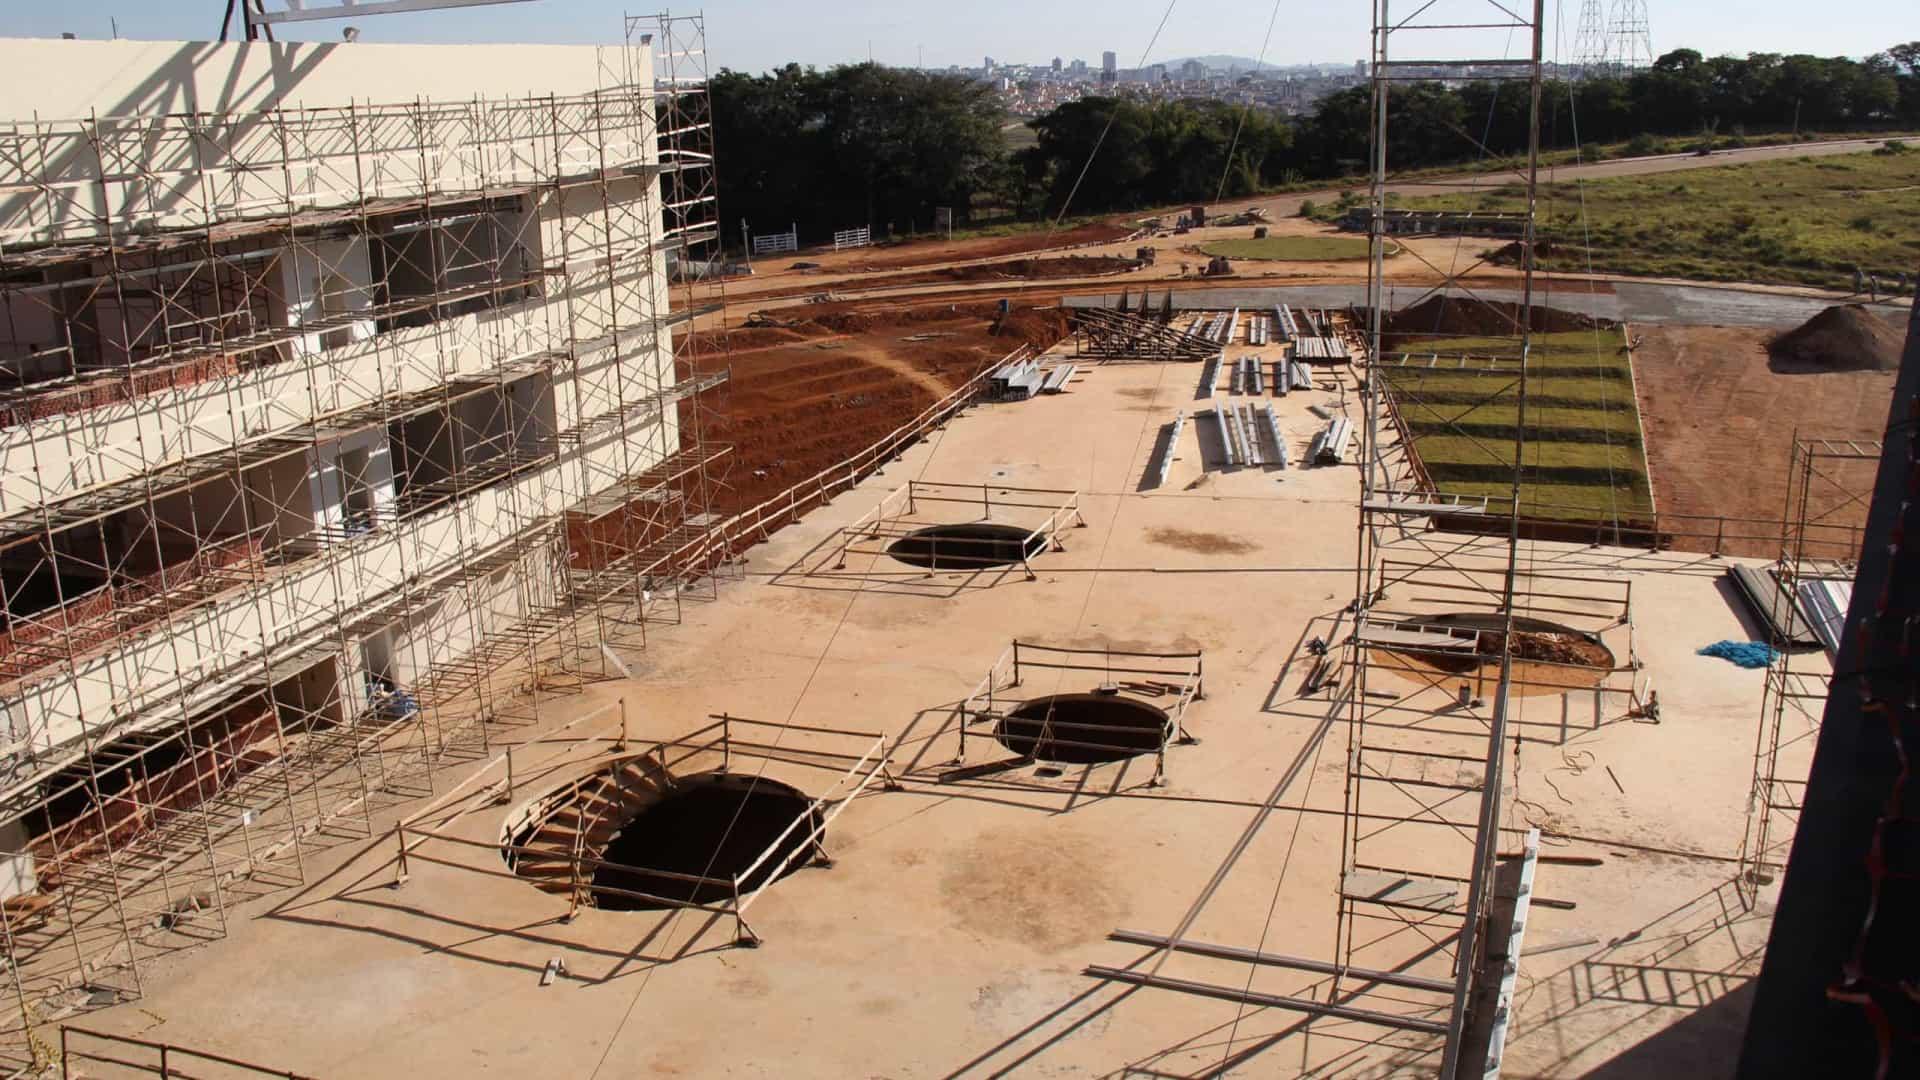 naom 5da77b6118ac5 - MEC libera R$ 43 milhões para continuar obras em universidades federais